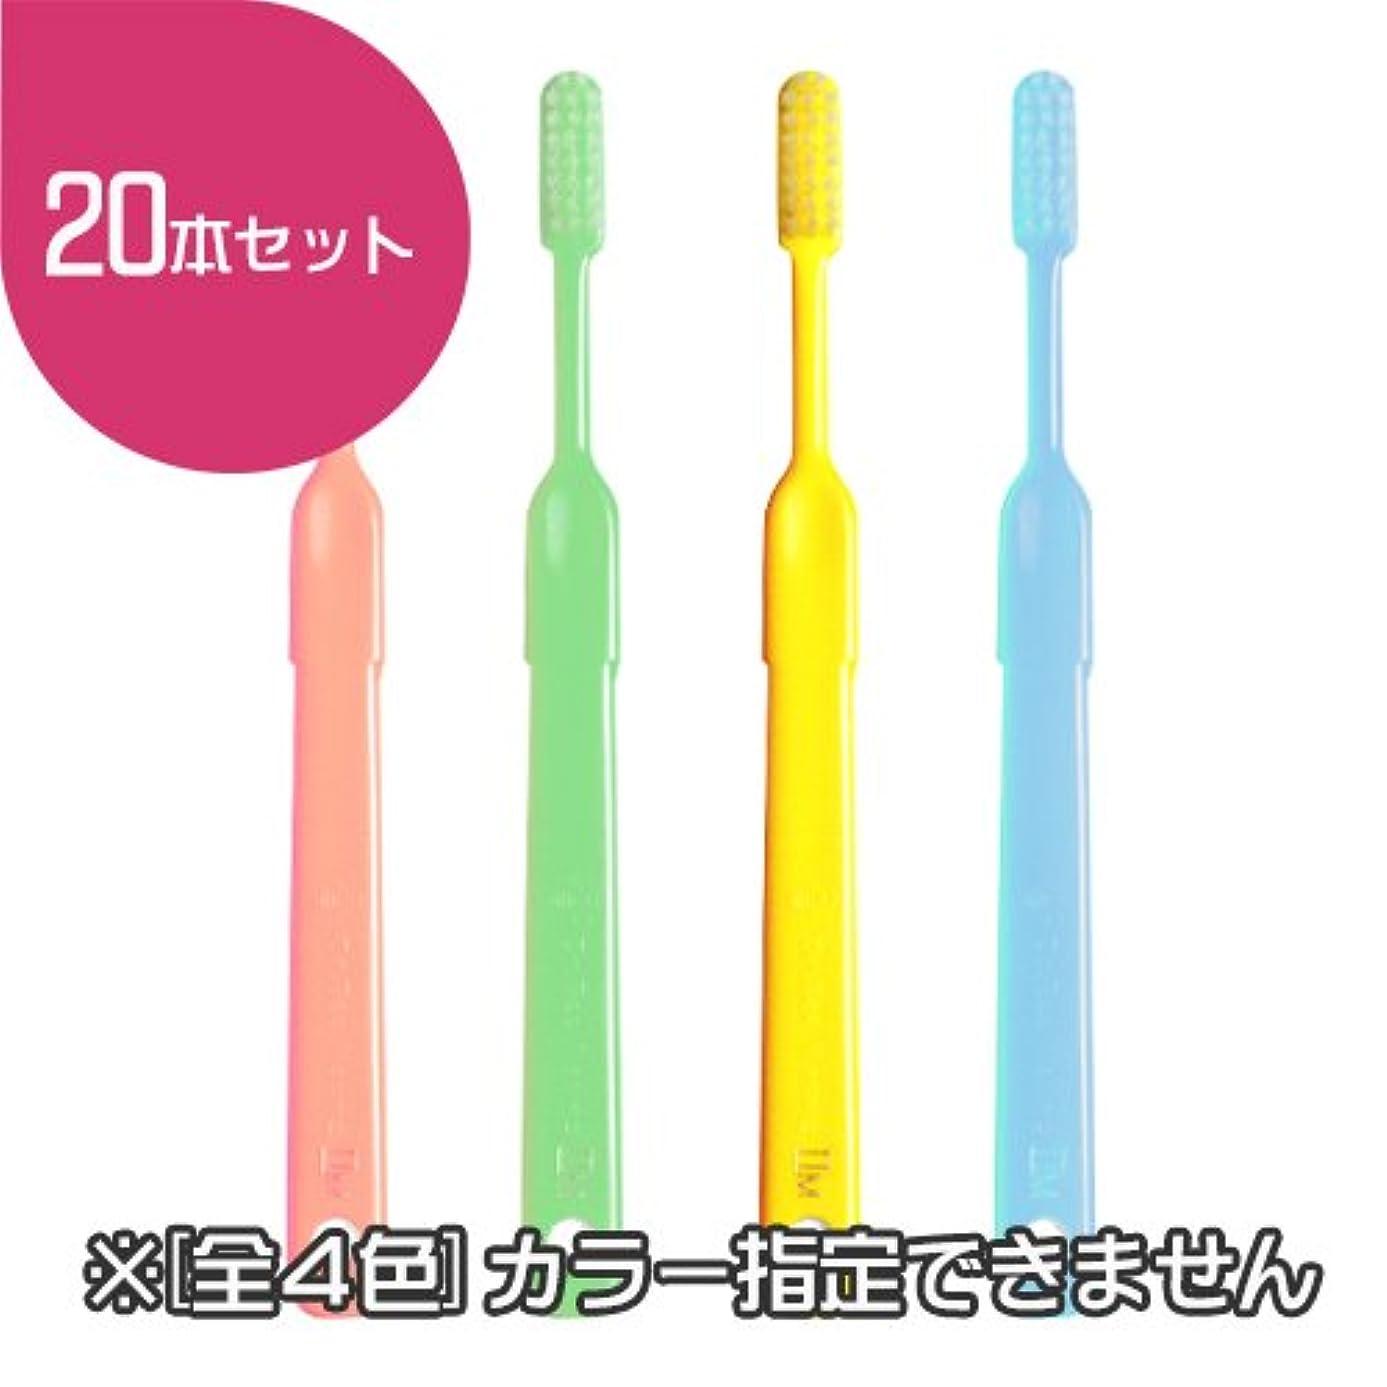 ビーブランド ドクター ビーヤング2 歯ブラシ 20本 (ソフト)